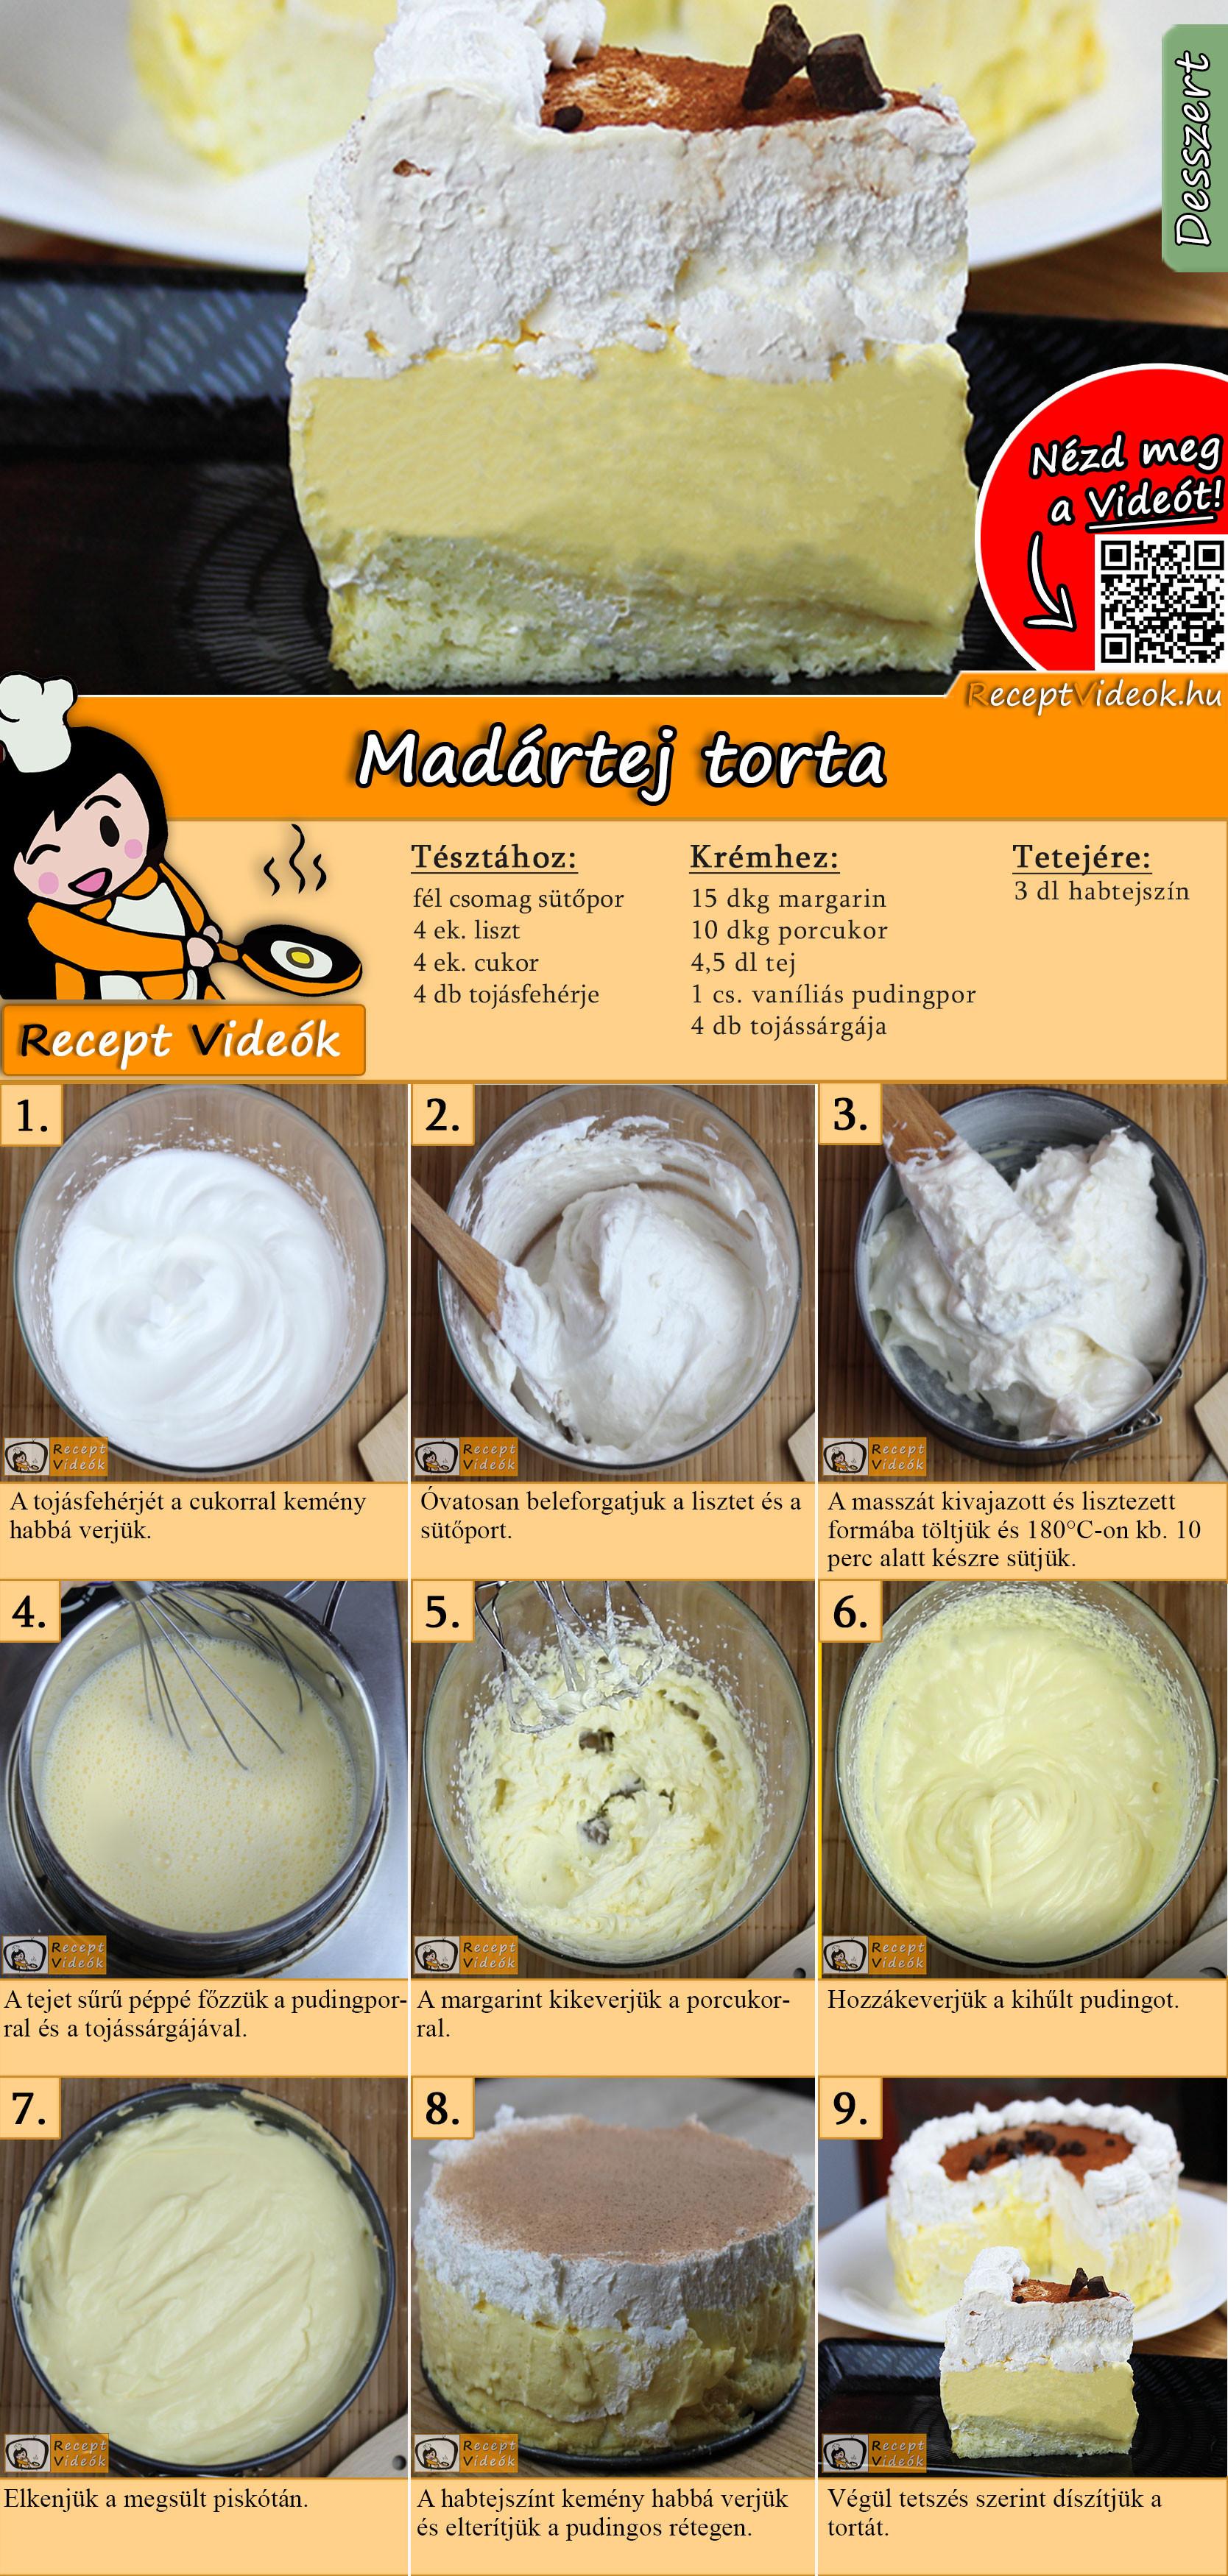 Madártej torta recept elkészítése videóval